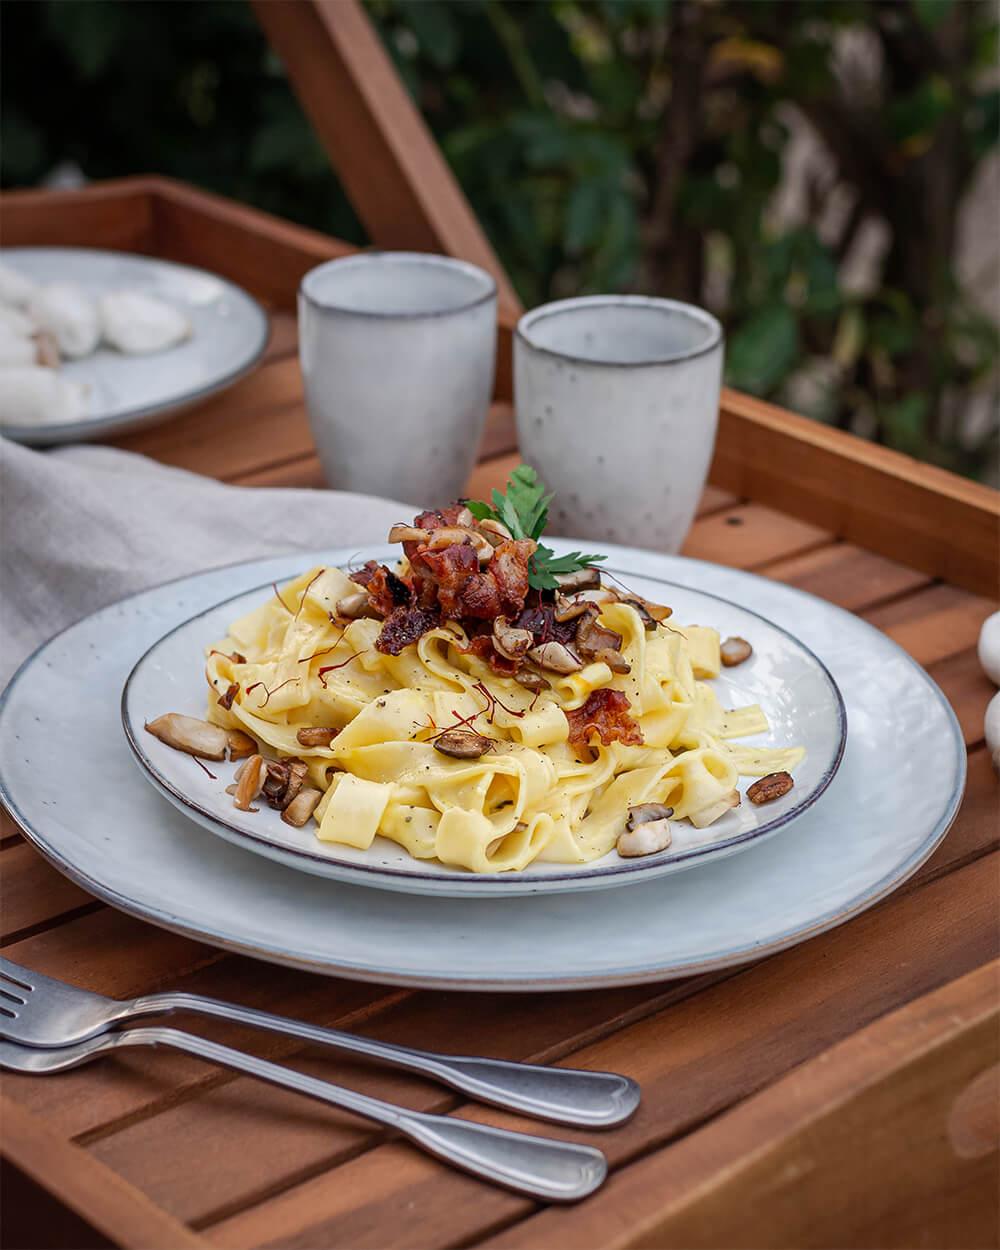 Bandnudeln in Safransauce mit Bacon Chips und Kräutersaitlingen